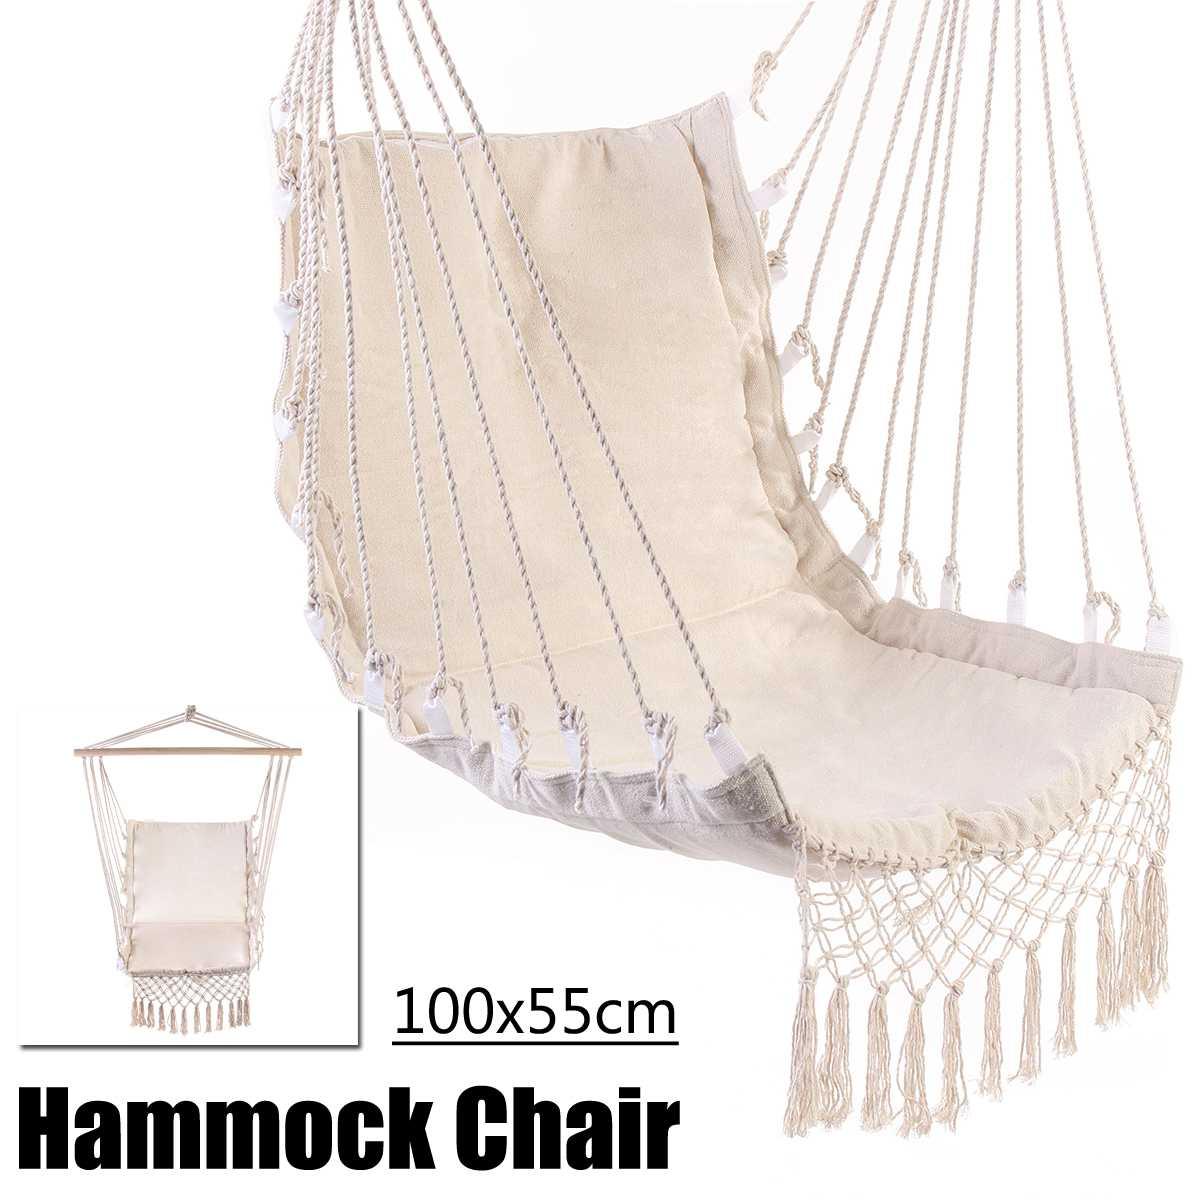 Nordic Style Hammock Outdoor Indoor Furniture Garden Bedroom Swing Hanging Chair for Children Adult